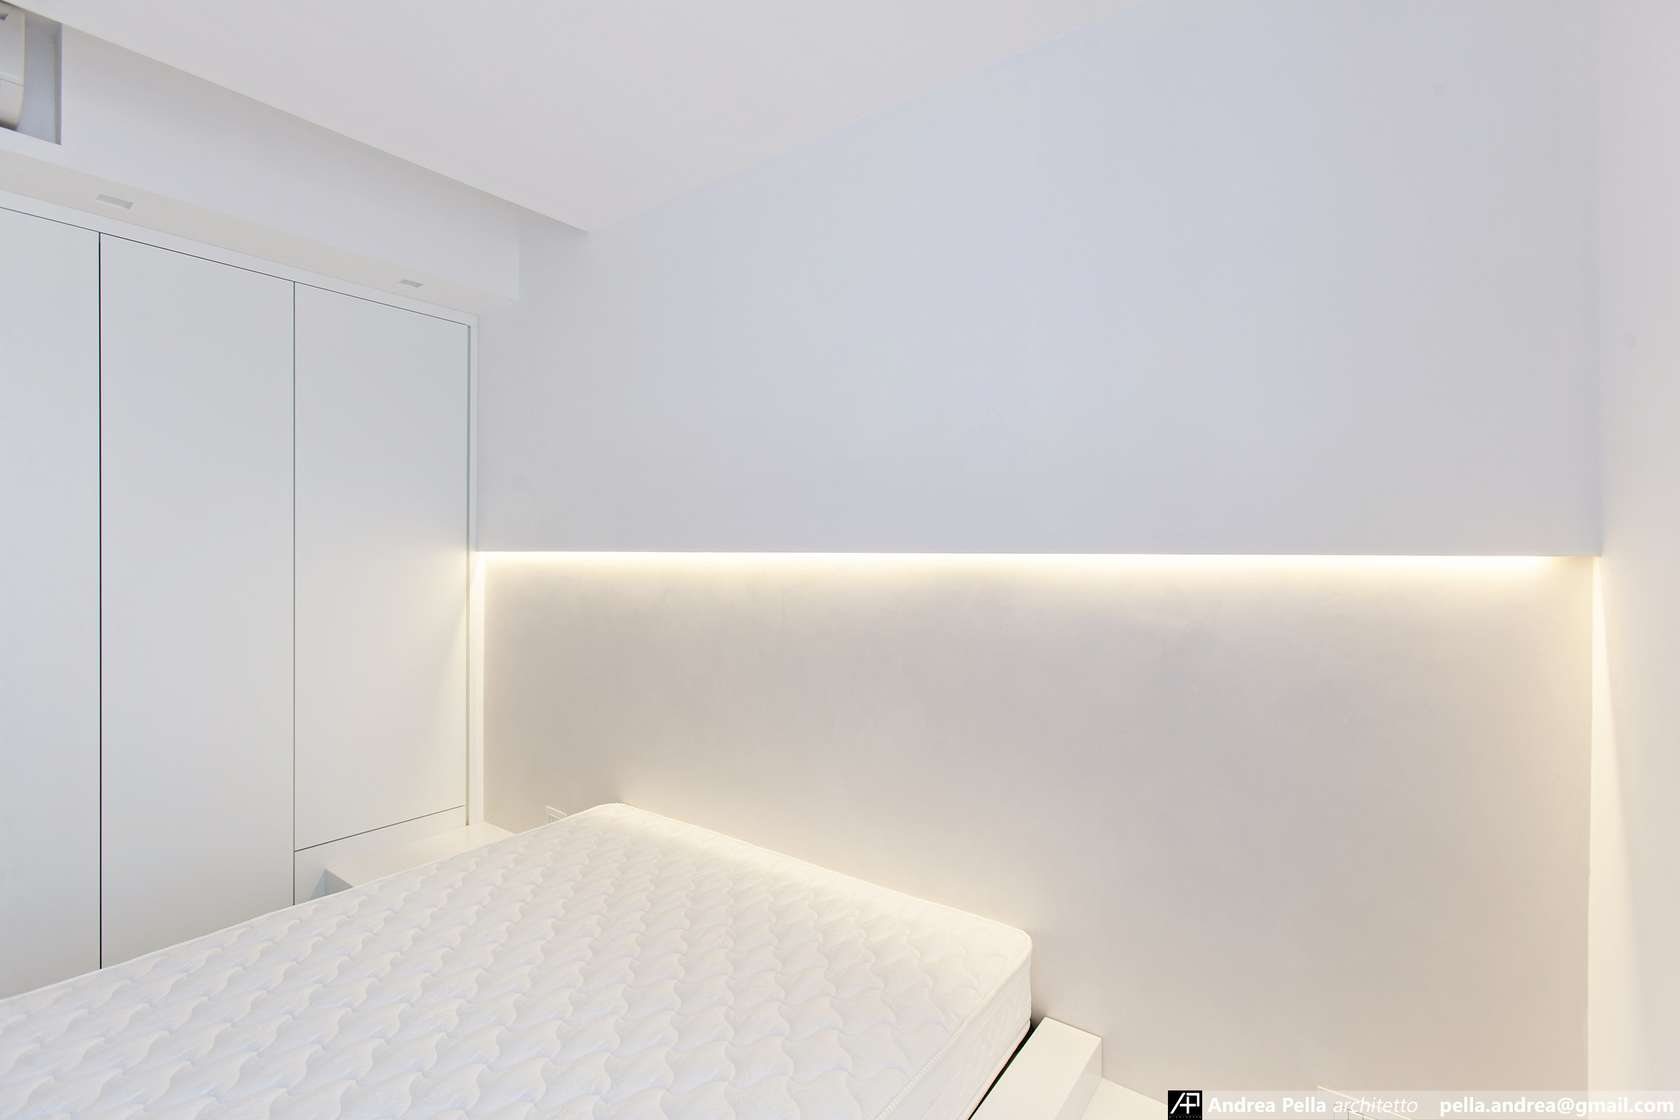 малък апартамент в минималистичен стил - 24